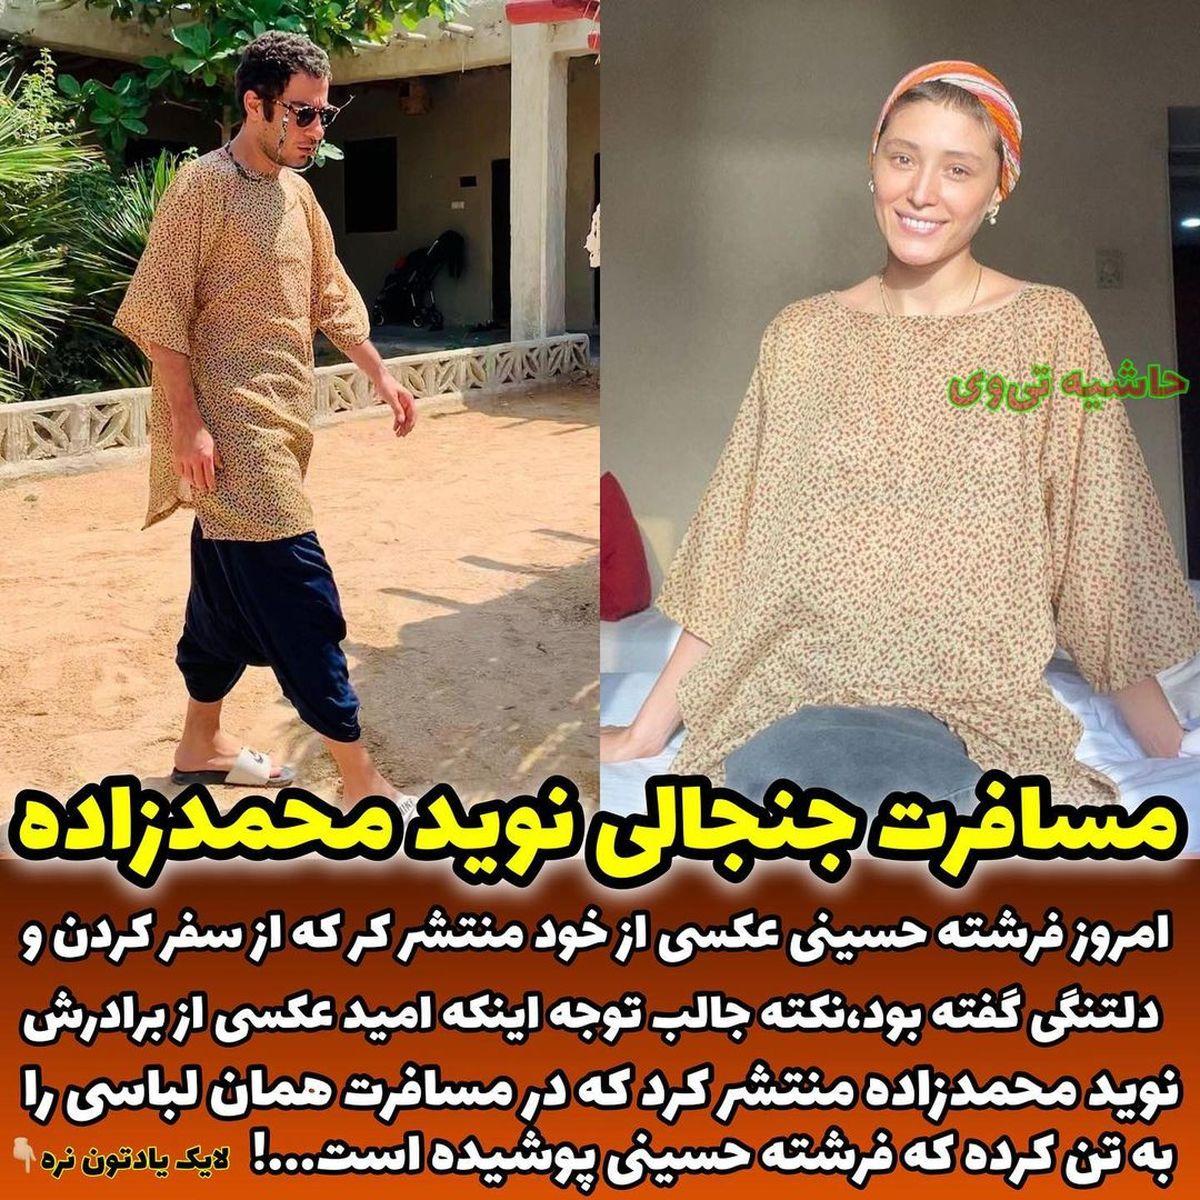 بازهم لباسِ یکجورِ نوید محمدزاده و فرشته حسینی/ عکس لو رفته